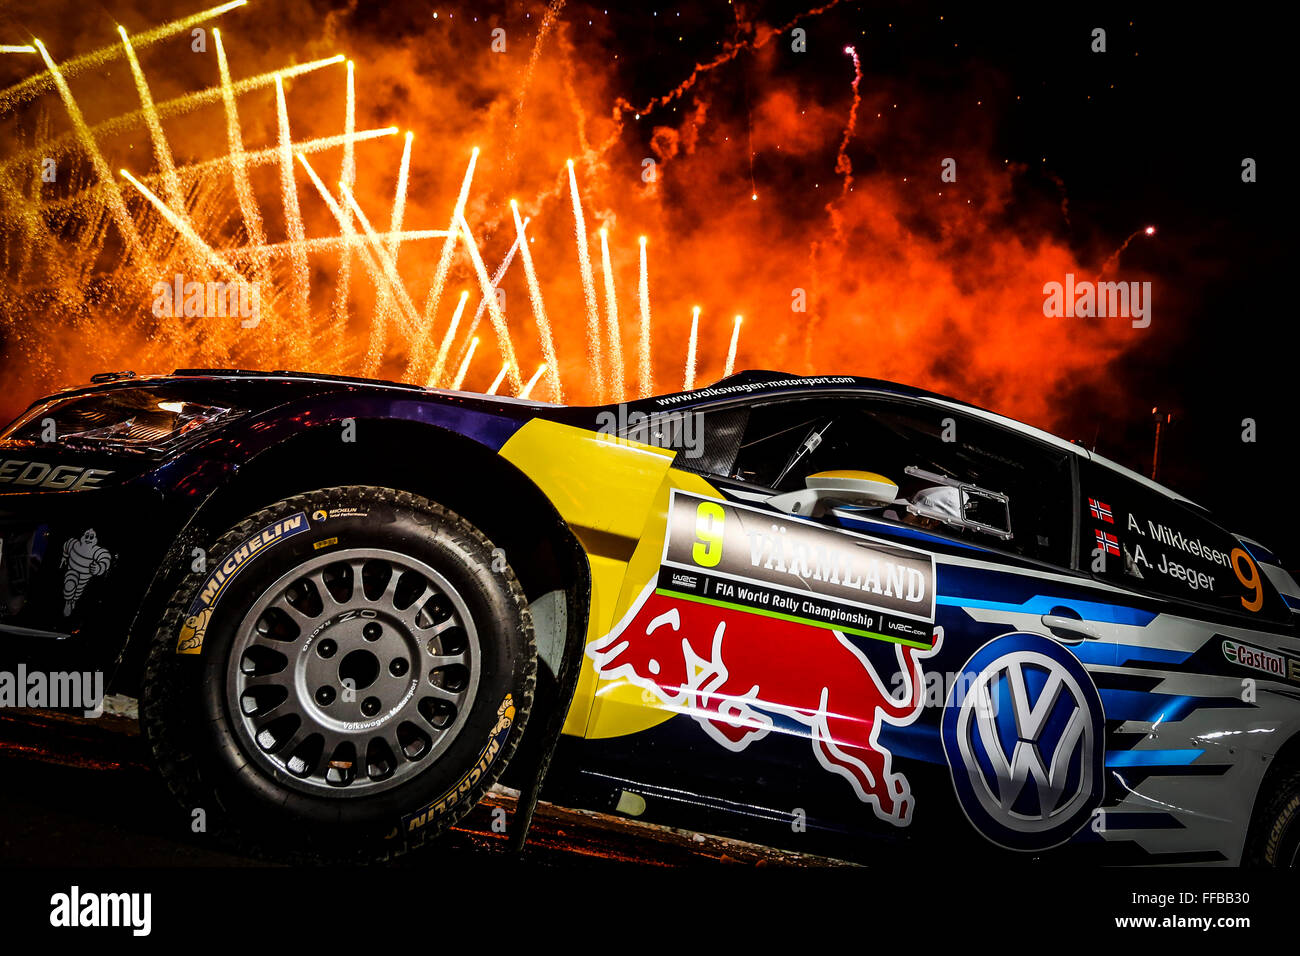 De Karlstad, Suecia. El 11 de febrero, 2016. WRC Rally de Suecia. Preparación día para pilotos y coches Imagen De Stock